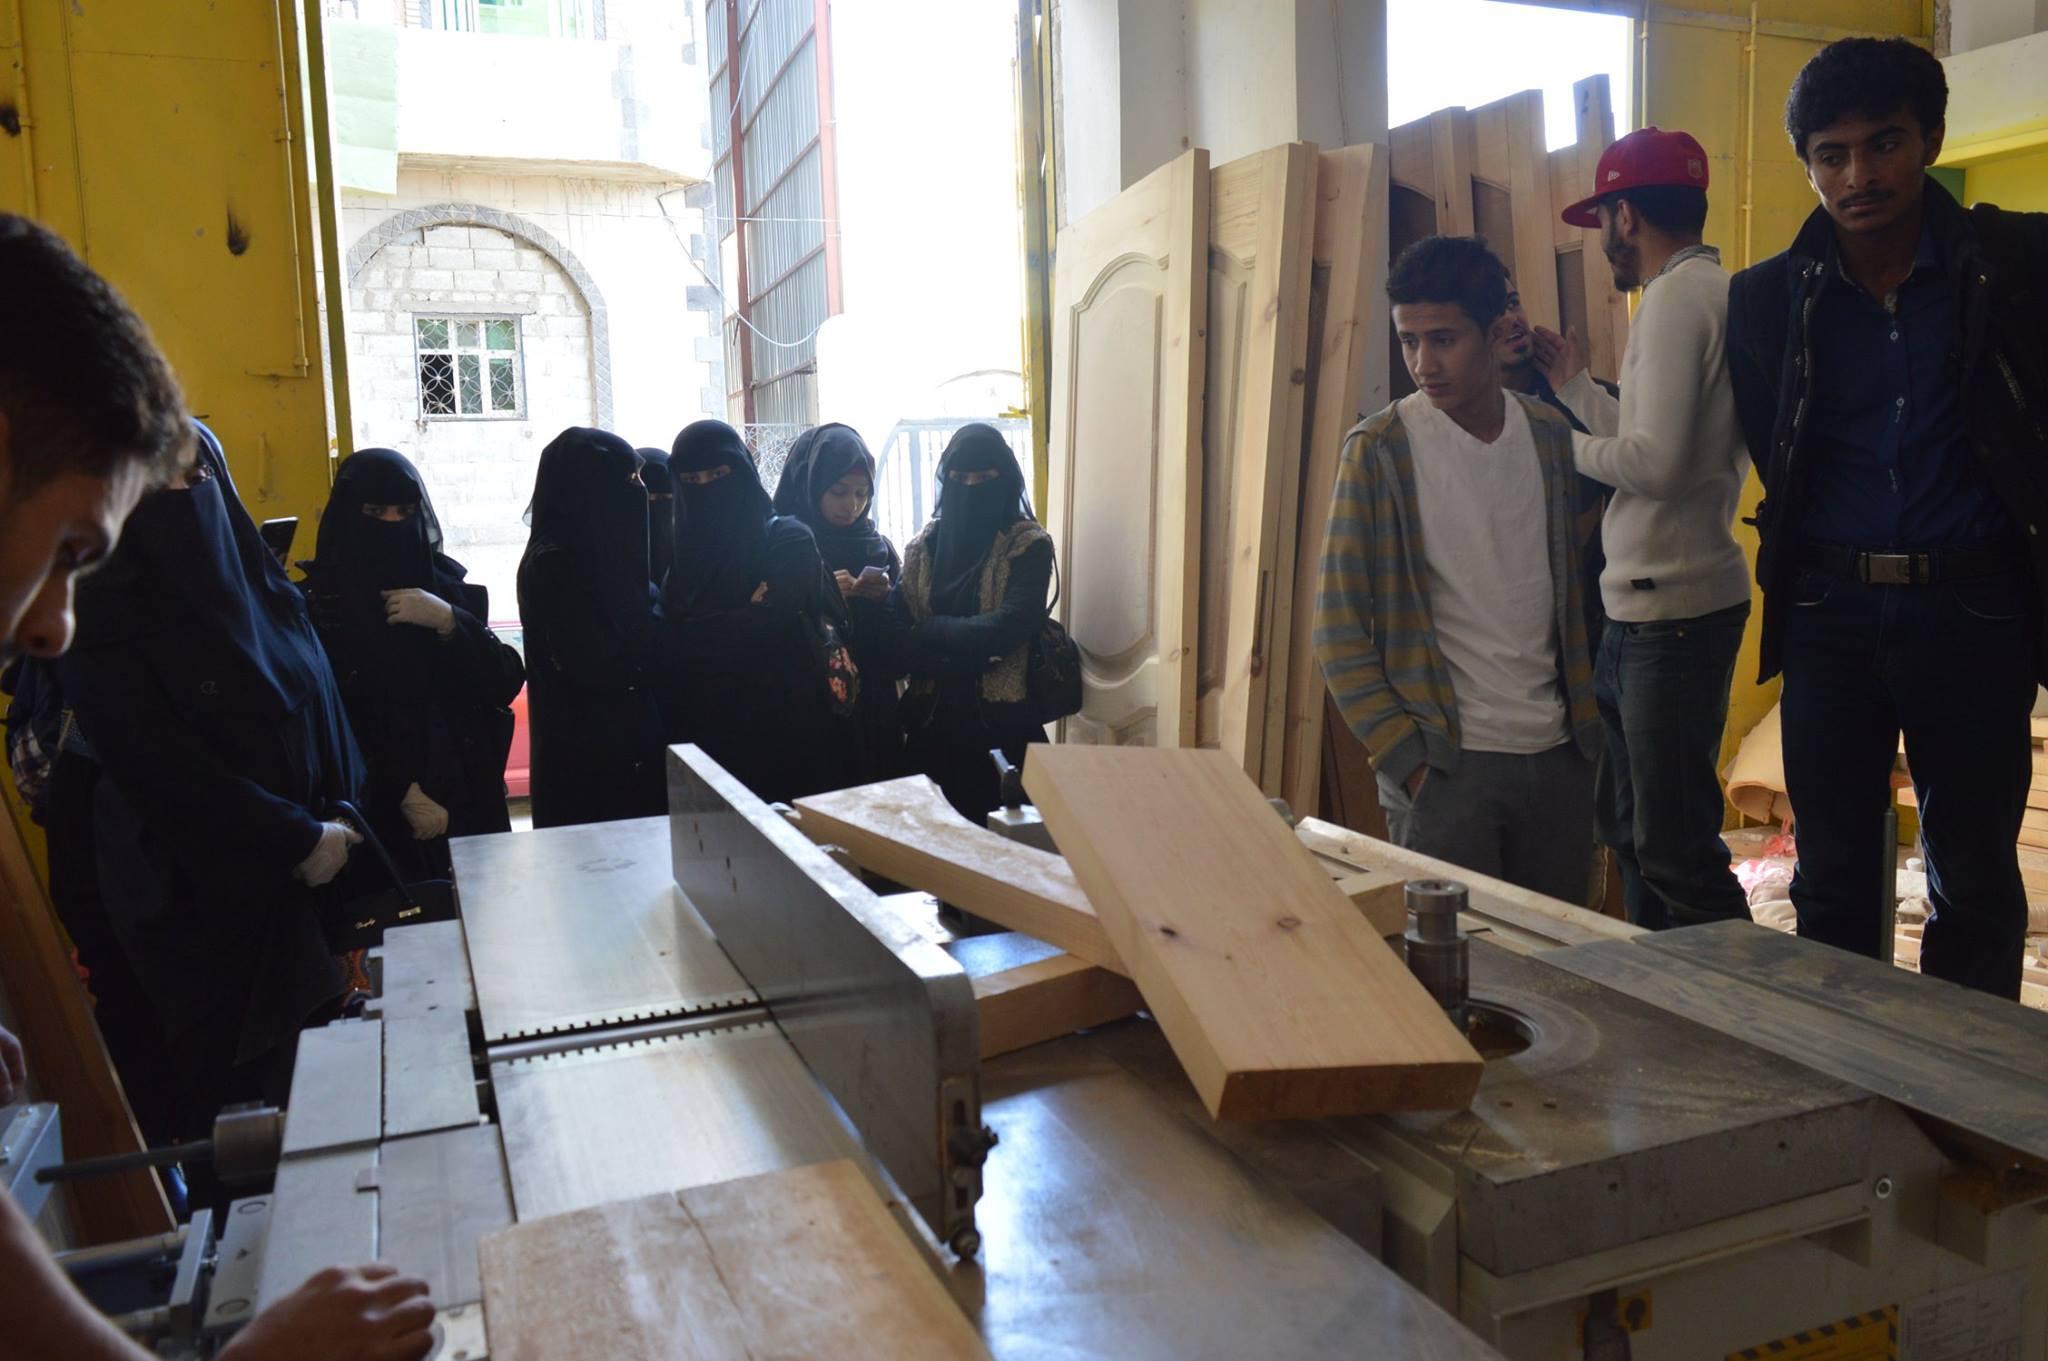 النزول الميداني لطلاب قسم الهندسة المعمارية وهندسة الديكور